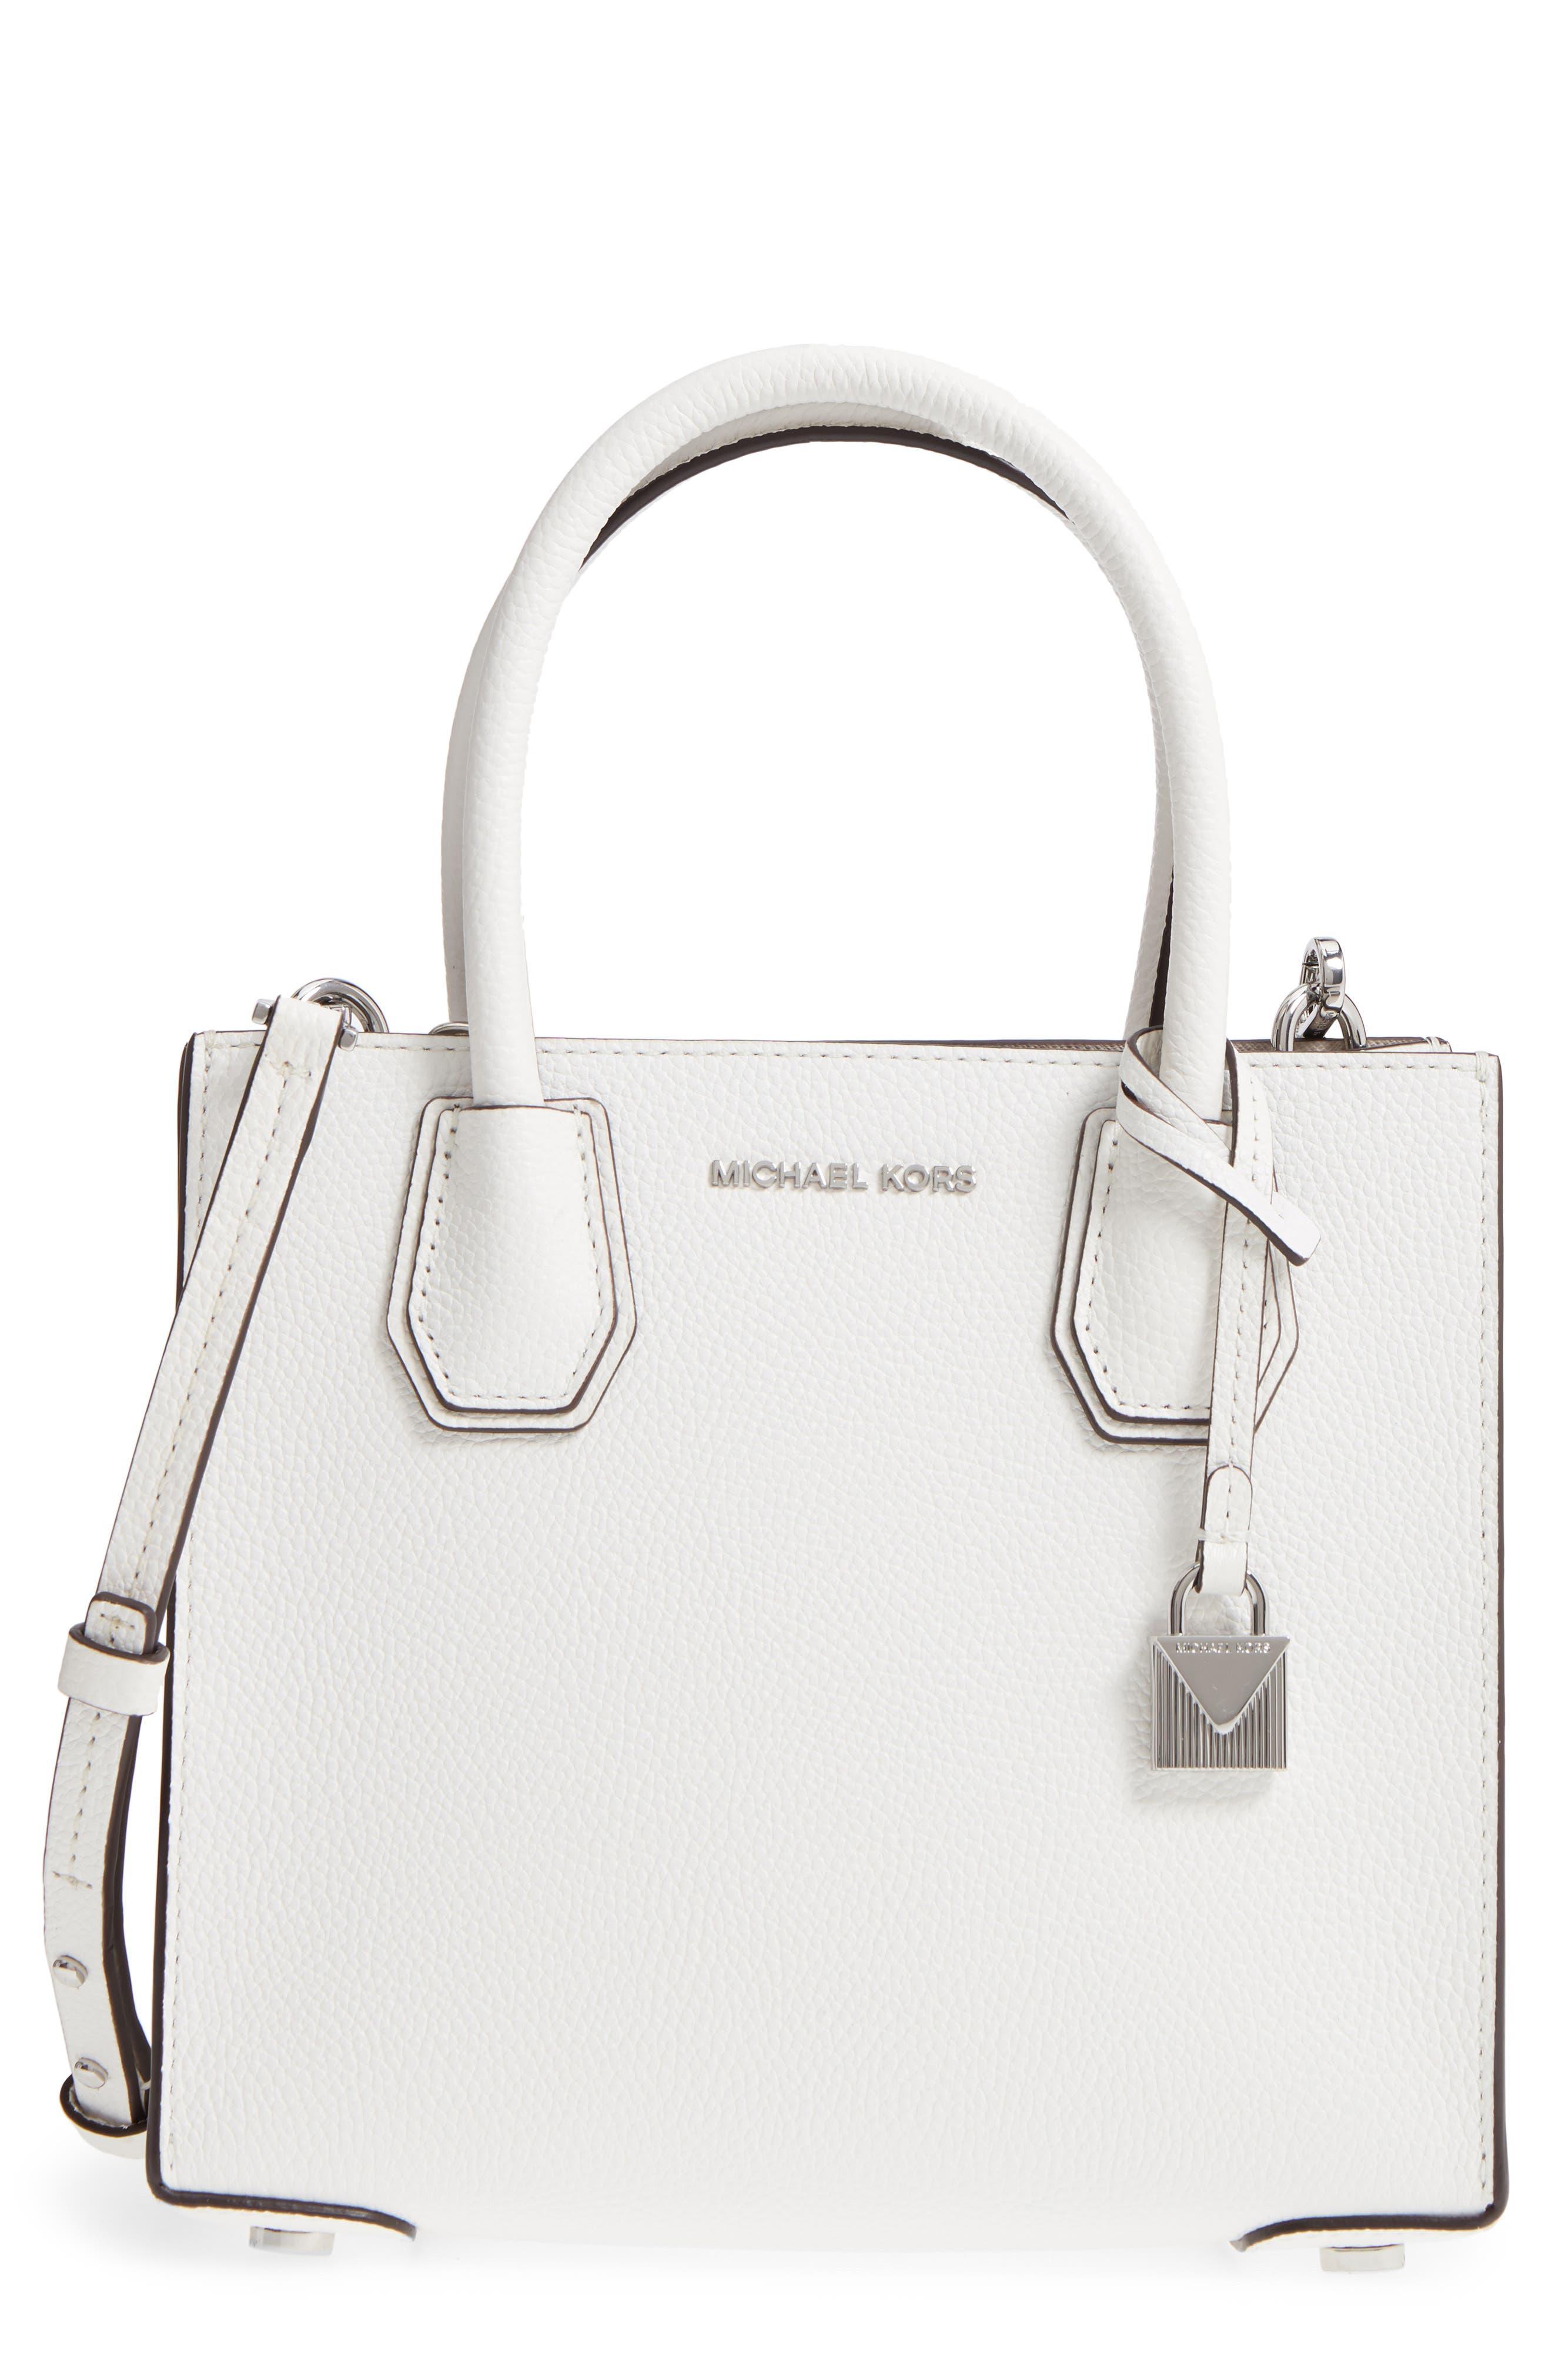 Mercer Leather Crossbody Bag,                             Main thumbnail 1, color,                             WHITE